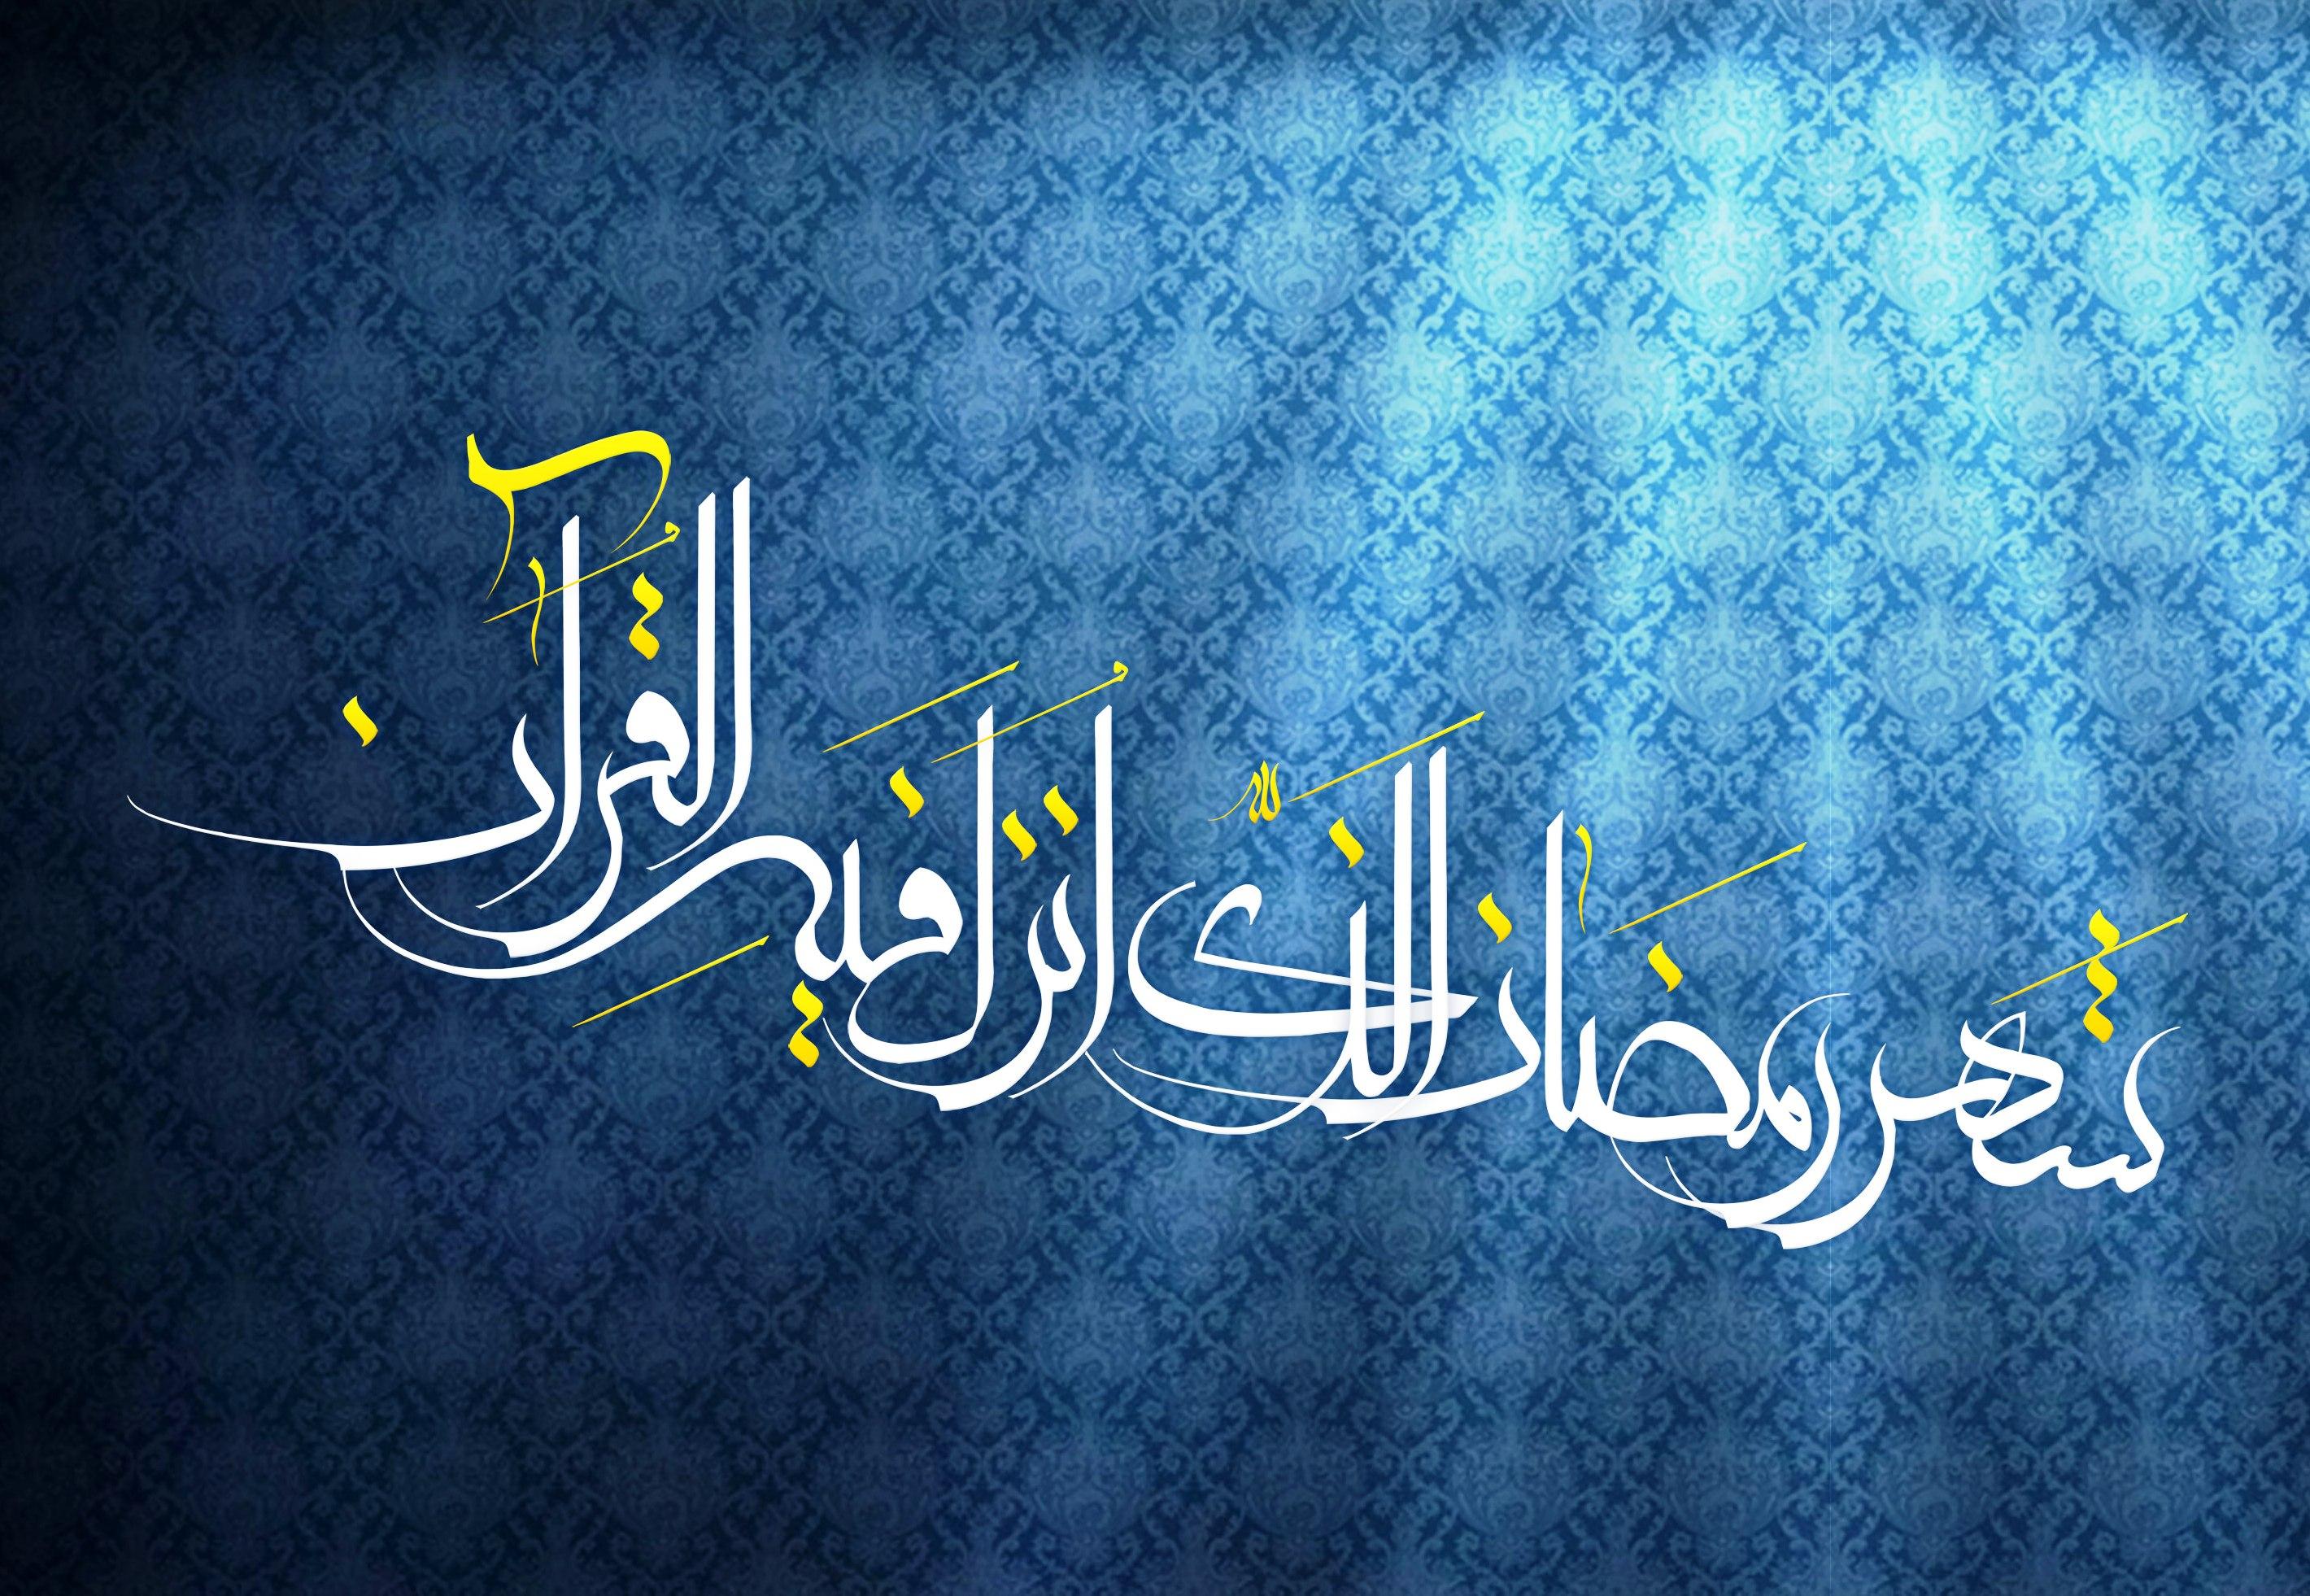 توکل به خدا ؛ محتوای دعای روز دهم رمضان